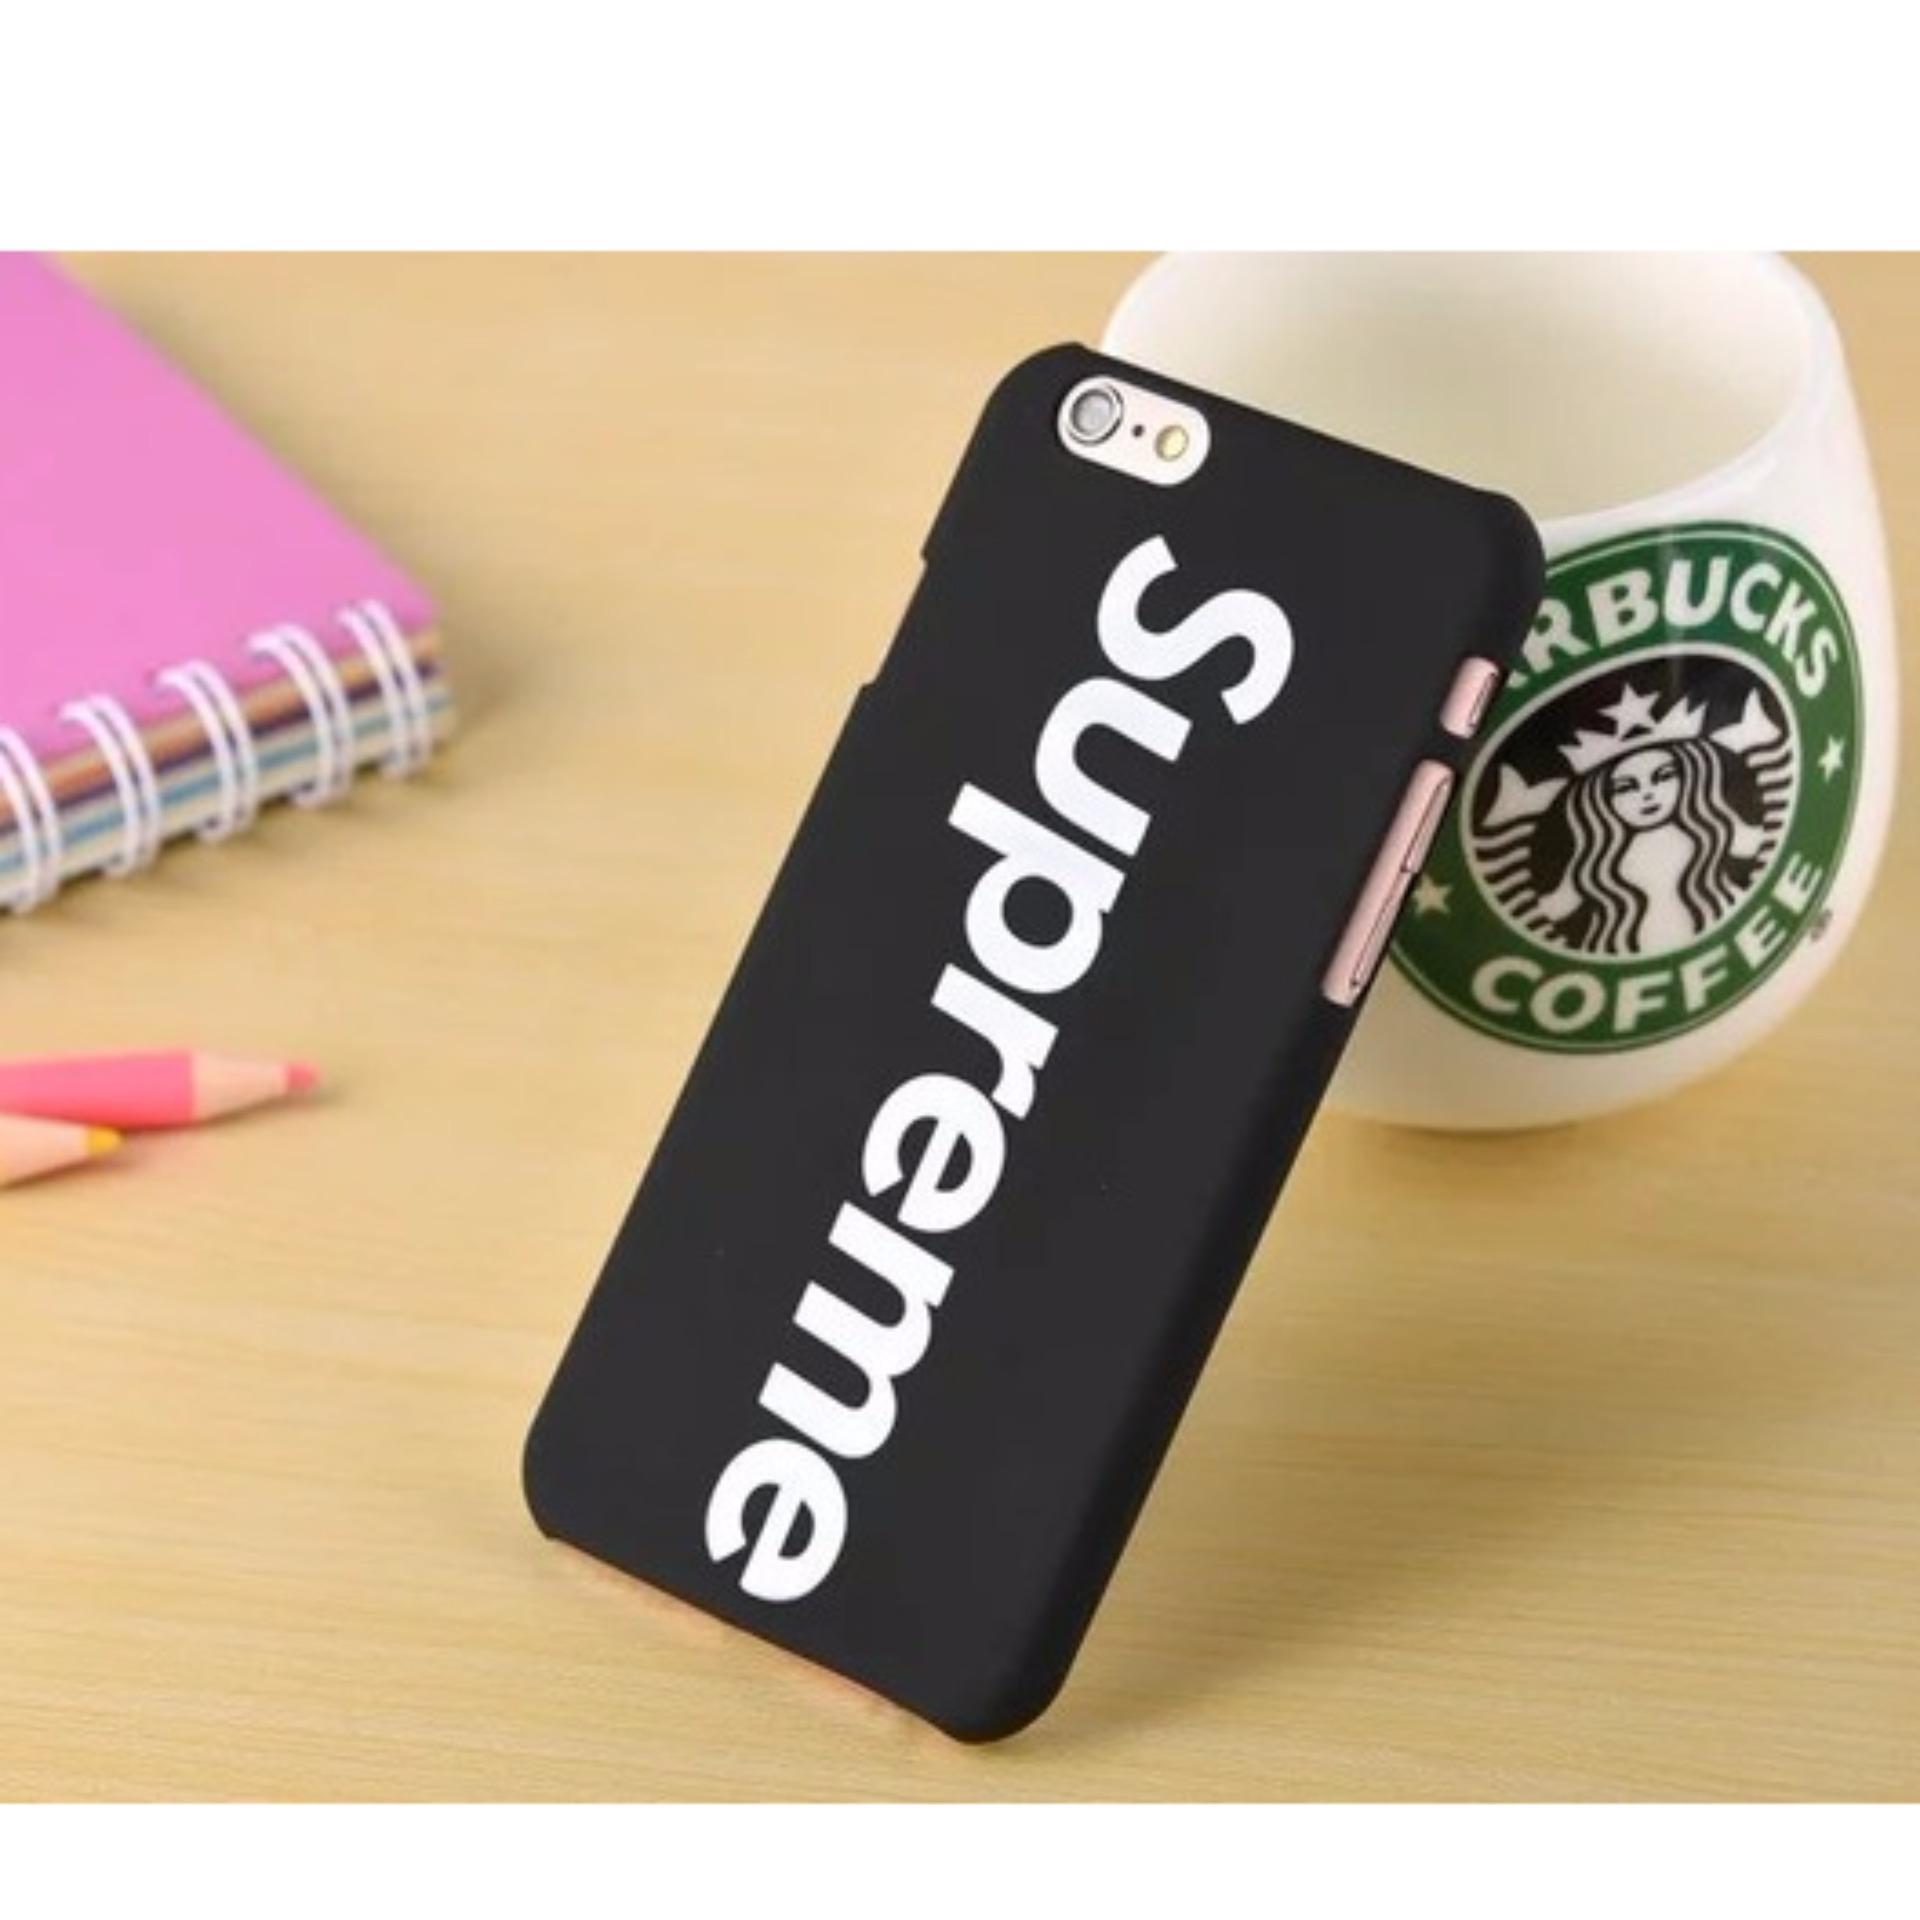 Case Premium Hardcase iPhone 6 6S Supreme Black